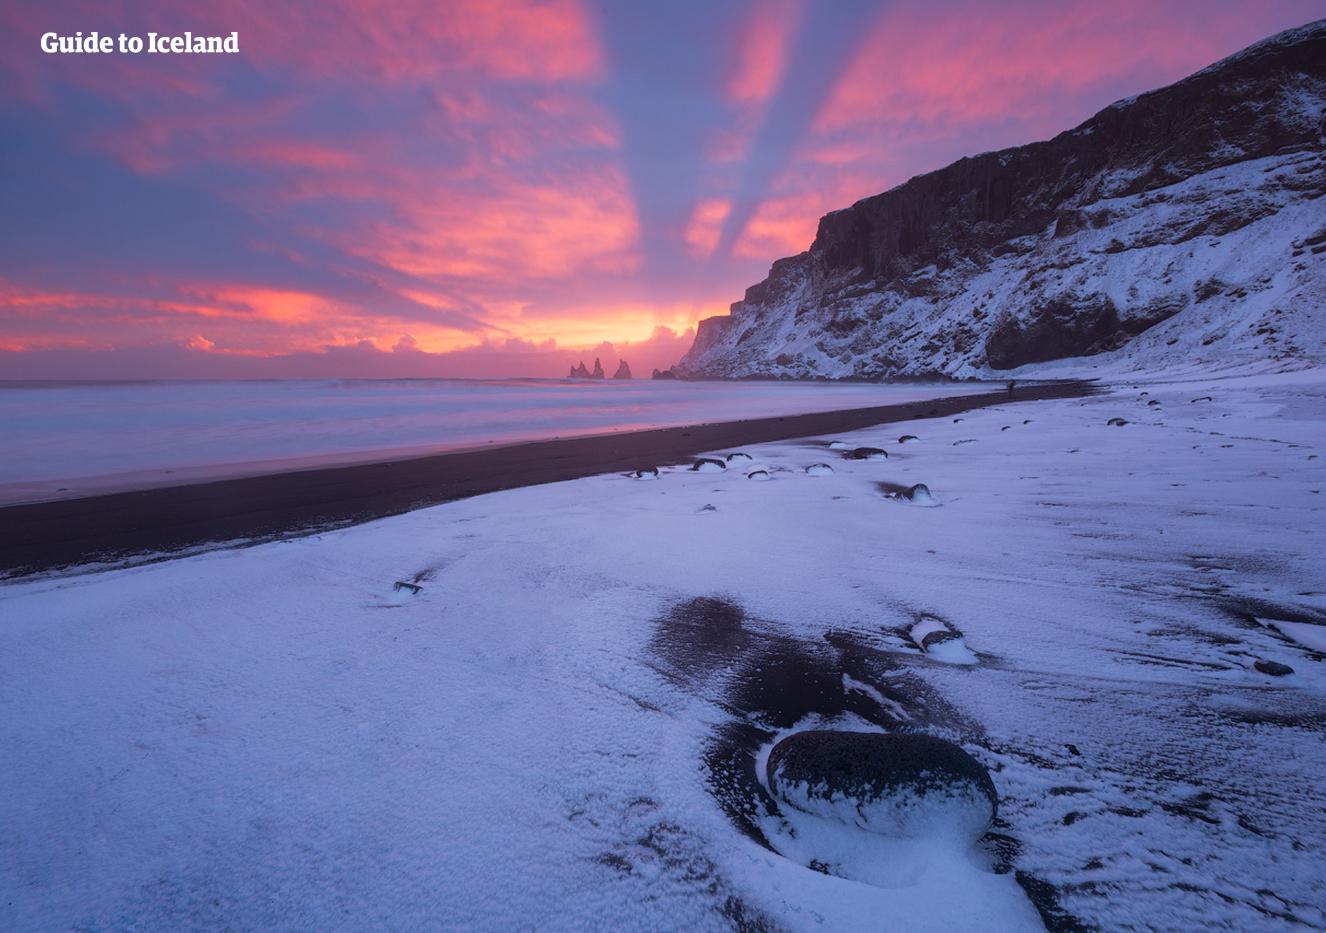 La playa de arena negra, Reynisfjara, durante el invierno.